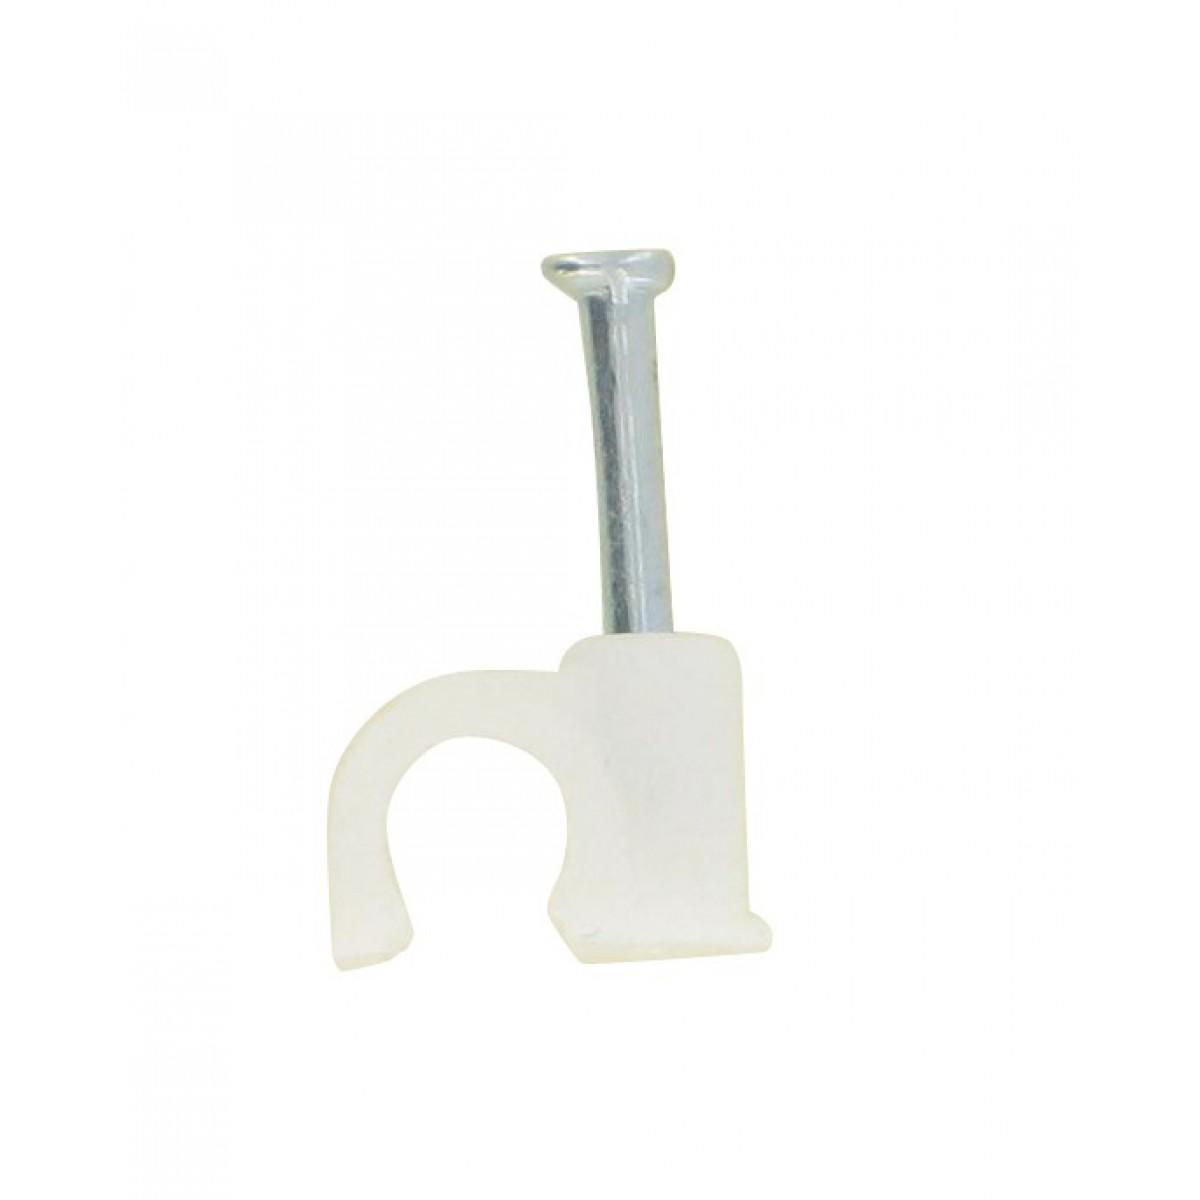 Pontet rigide blanc Dhome - Diamètre 12 mm - Vendu par 100